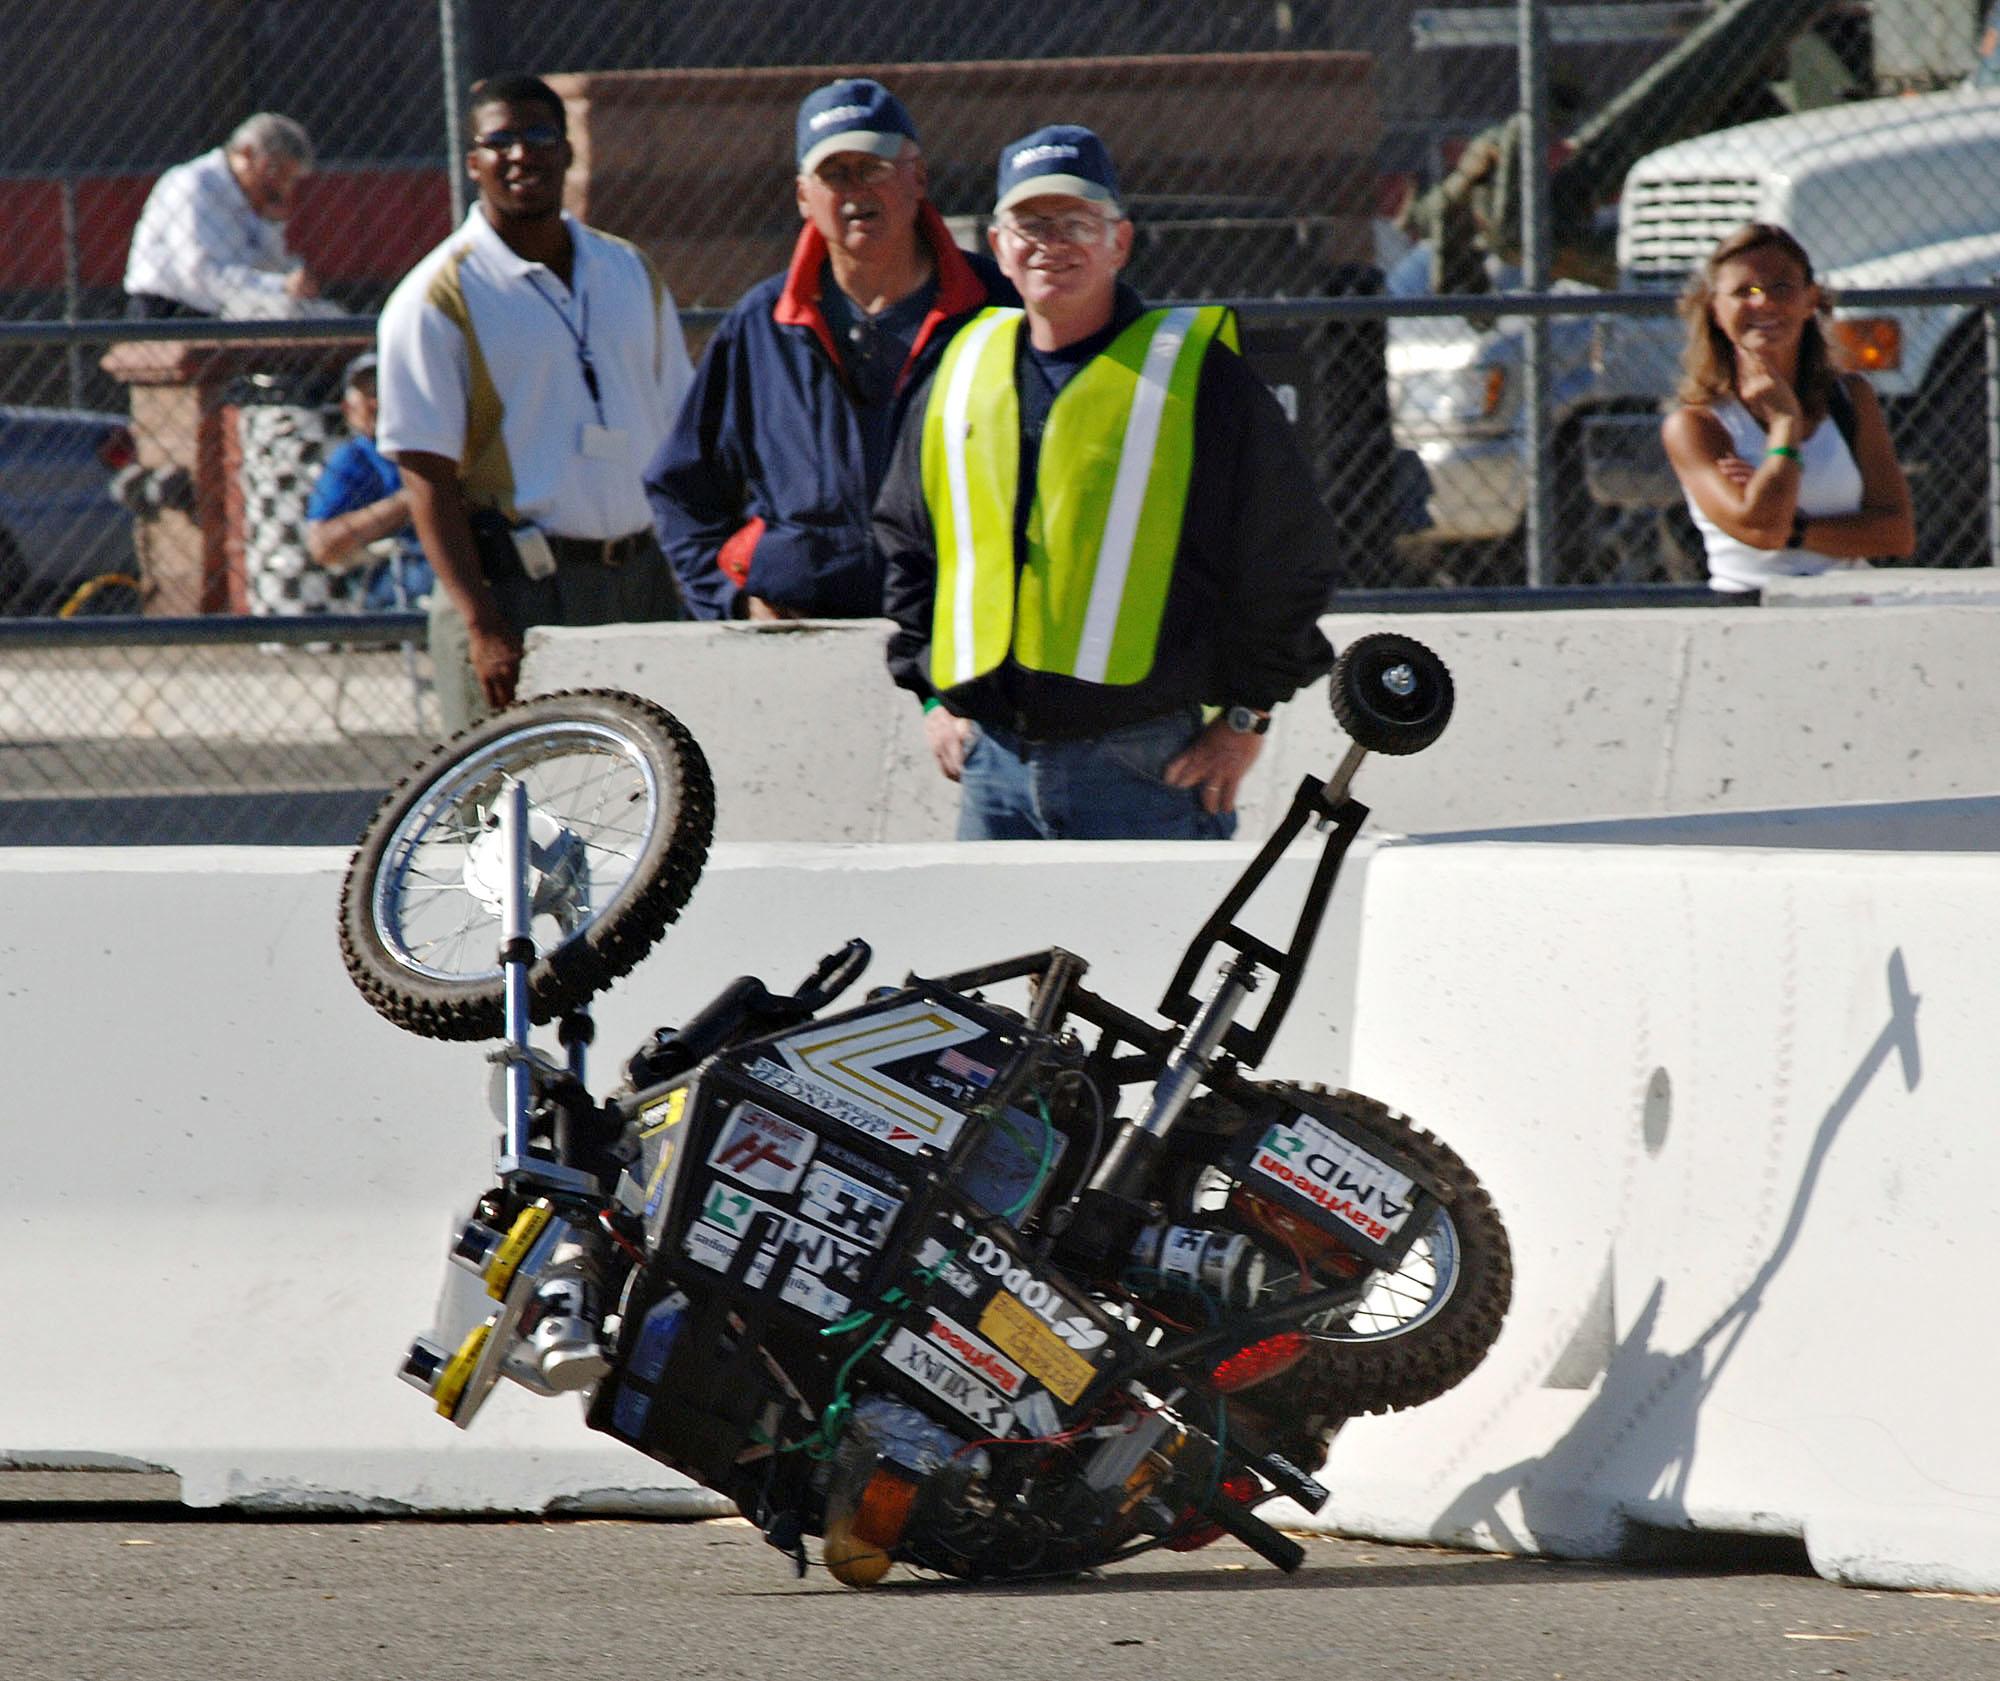 GhostRider: автономный мотоцикл, положивший начало карьере Энтони Левандовски - 4